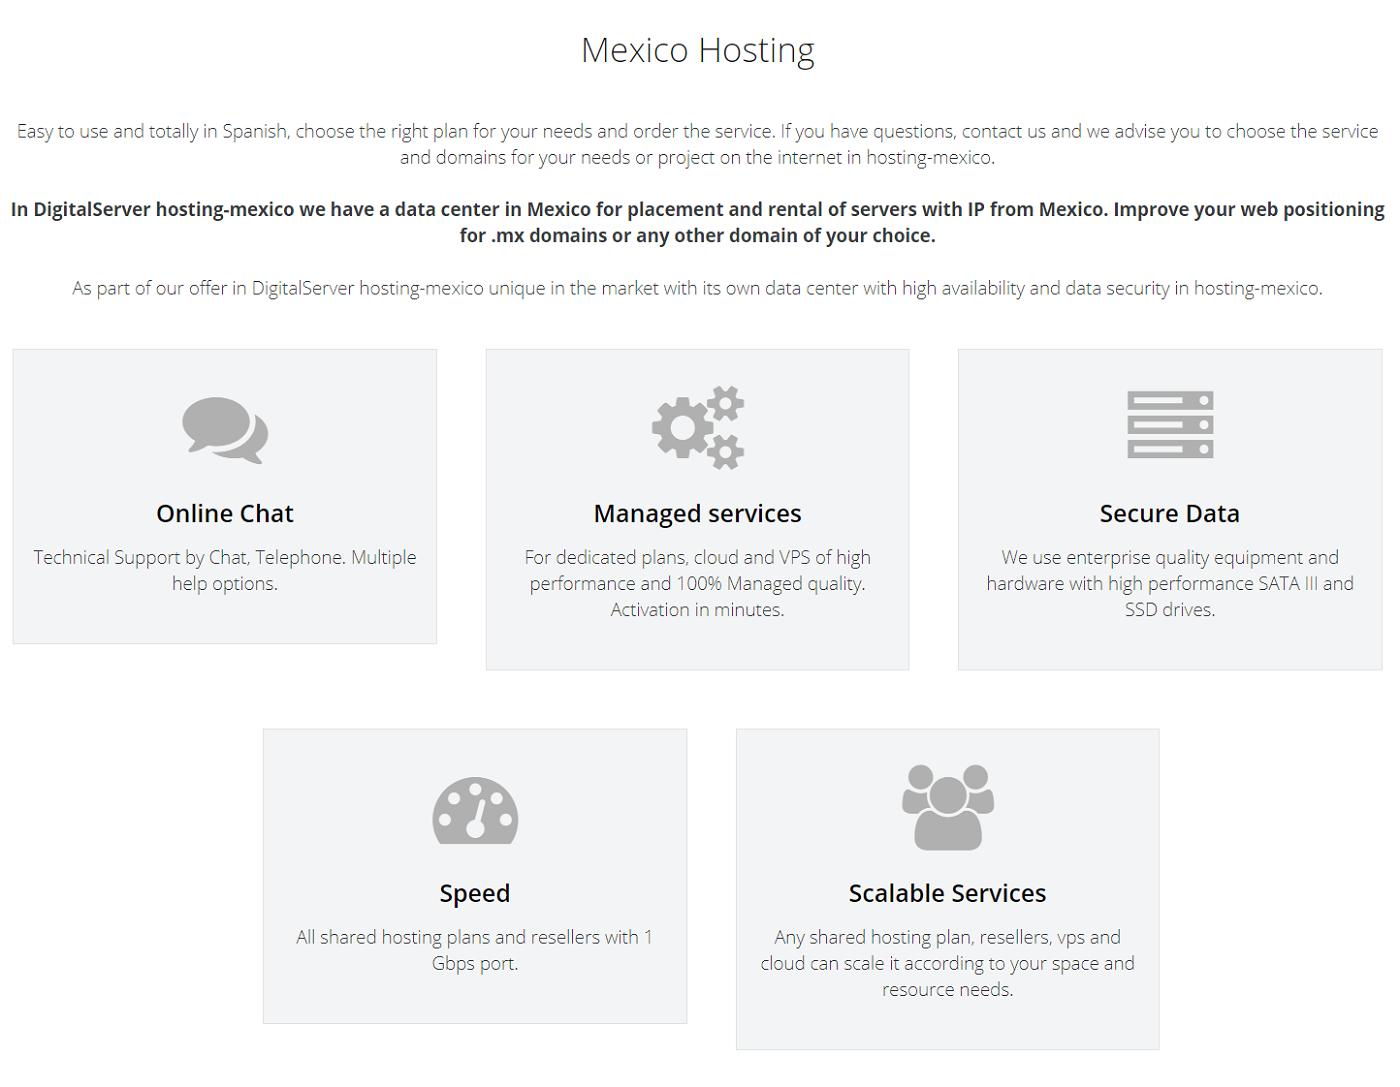 DigitalServer es un proveedor de servicios web mexicano, ofrece confianza, precio accesible y un soporte técnico con una disponibilidad óptima 24/7